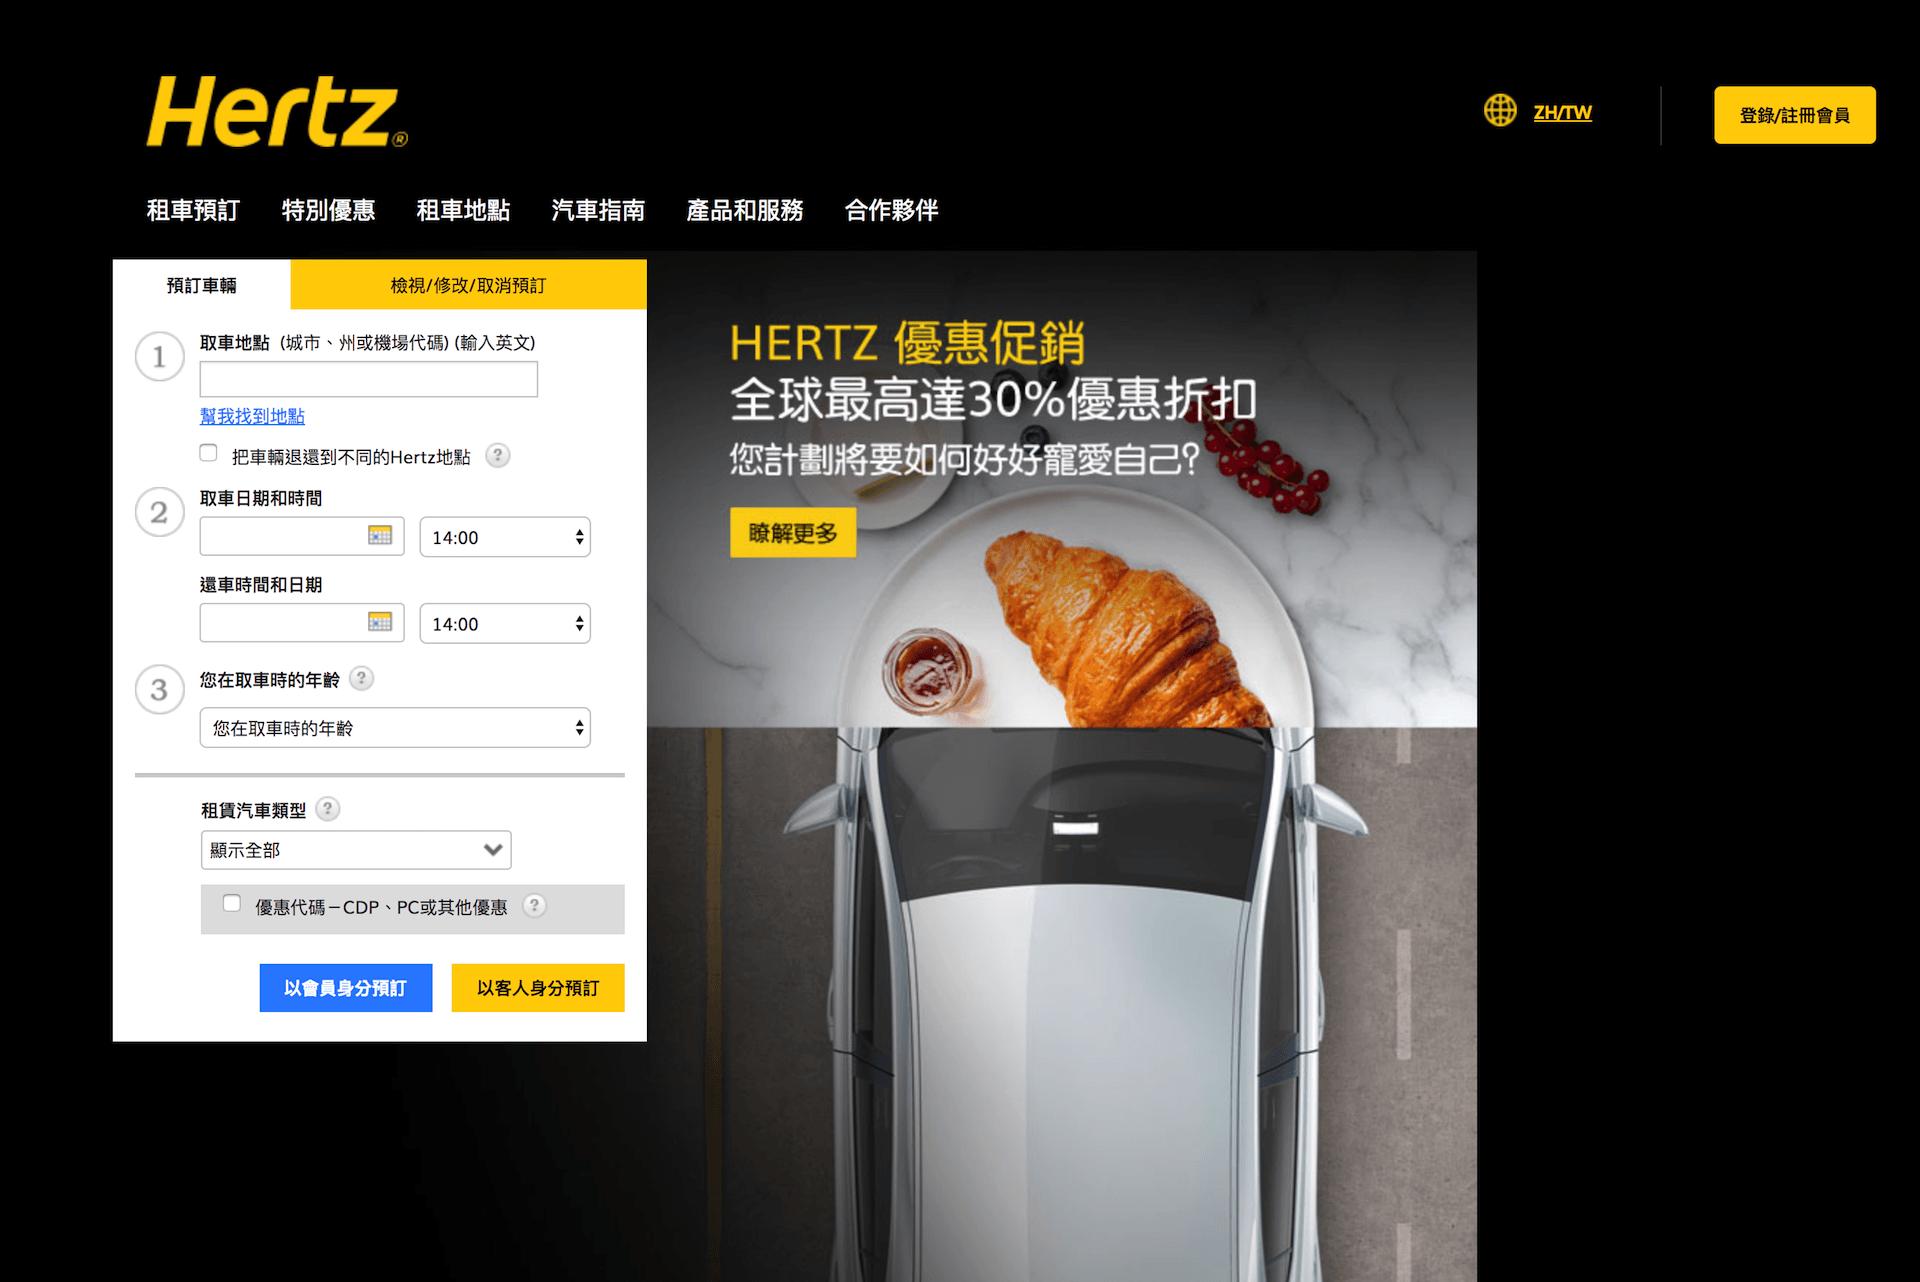 Hertz 租車限時促銷,優惠預定全球自駕旅行下殺 30% 折扣